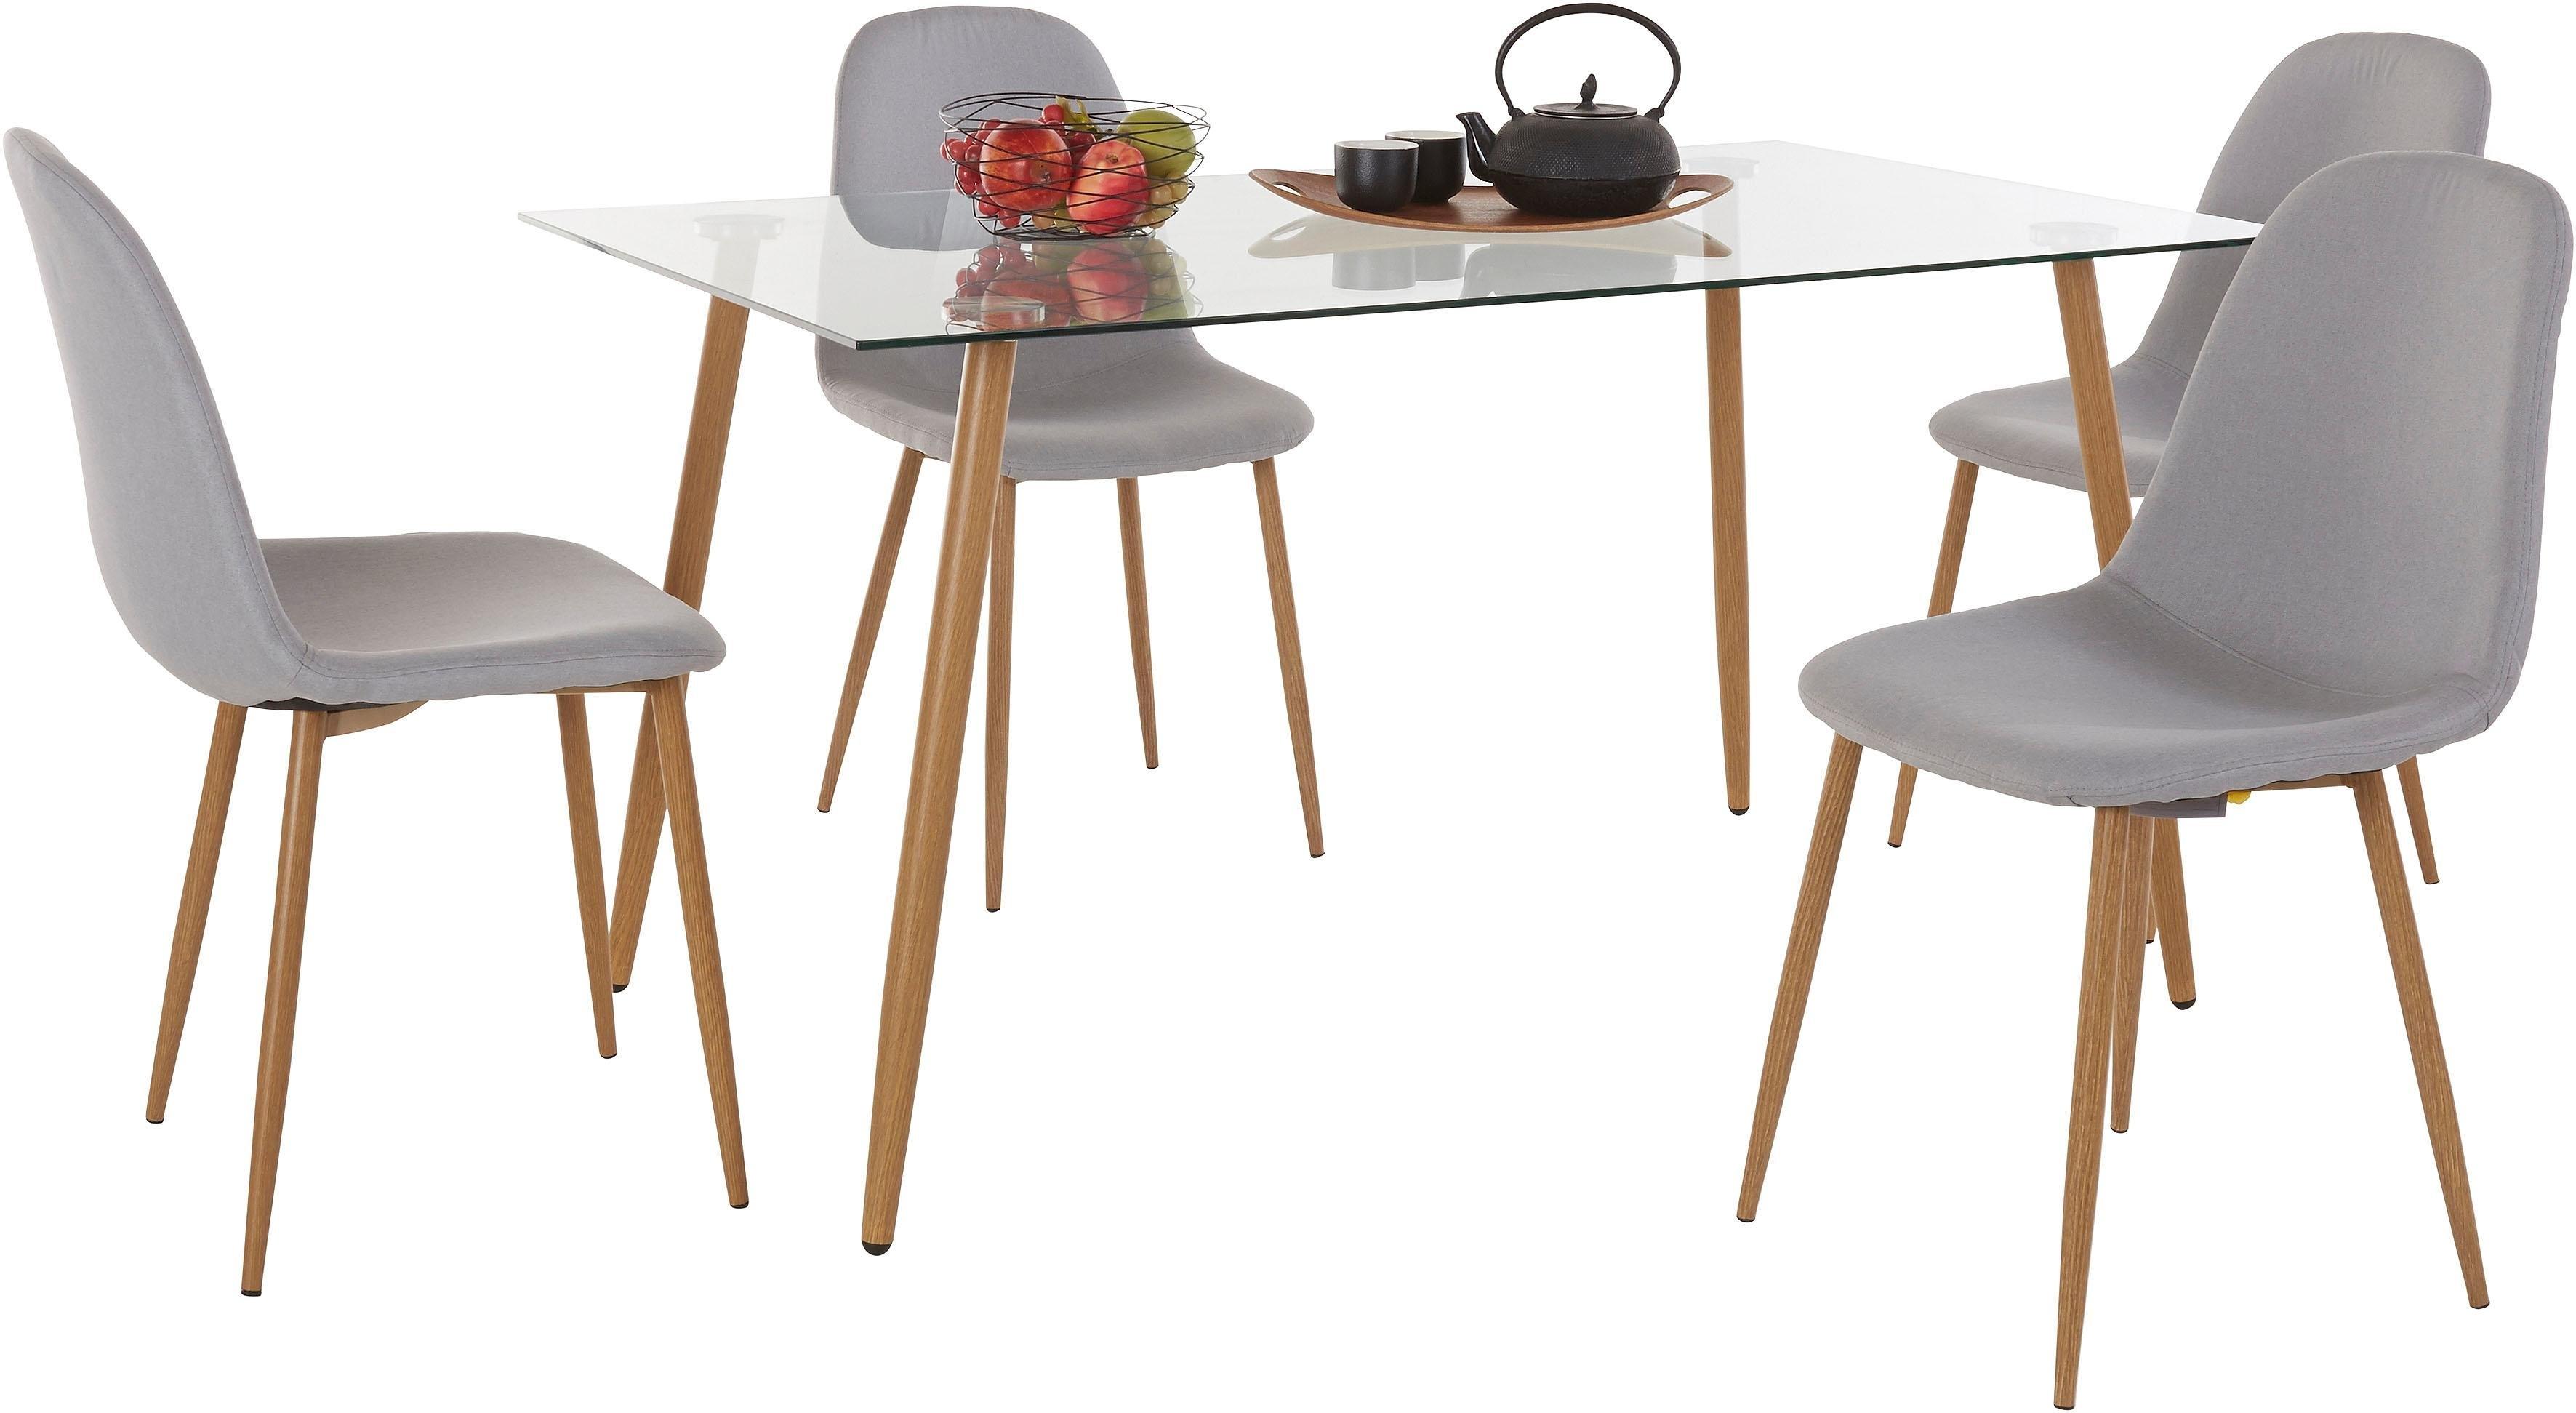 Spiksplinternieuw Eethoek, hoekige glazen tafel met 4 stoelen (weefstof) snel online BU-28